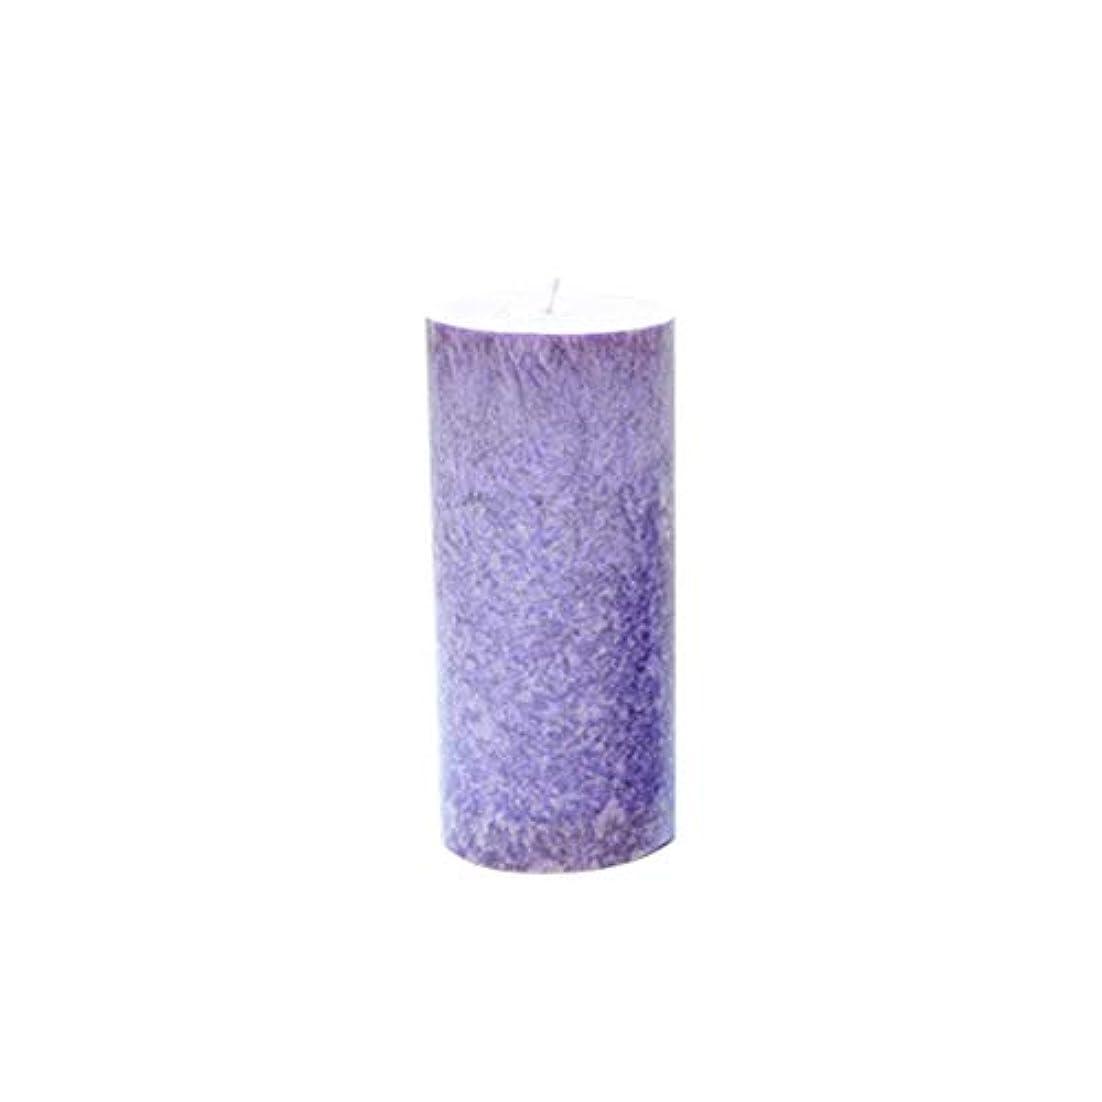 話びん小道具Rakuby 香料入り 蝋燭 ロマンチック 紫色 ラベンダー アロマ療法 柱 蝋燭 祝祭 結婚祝い 無煙蝋燭